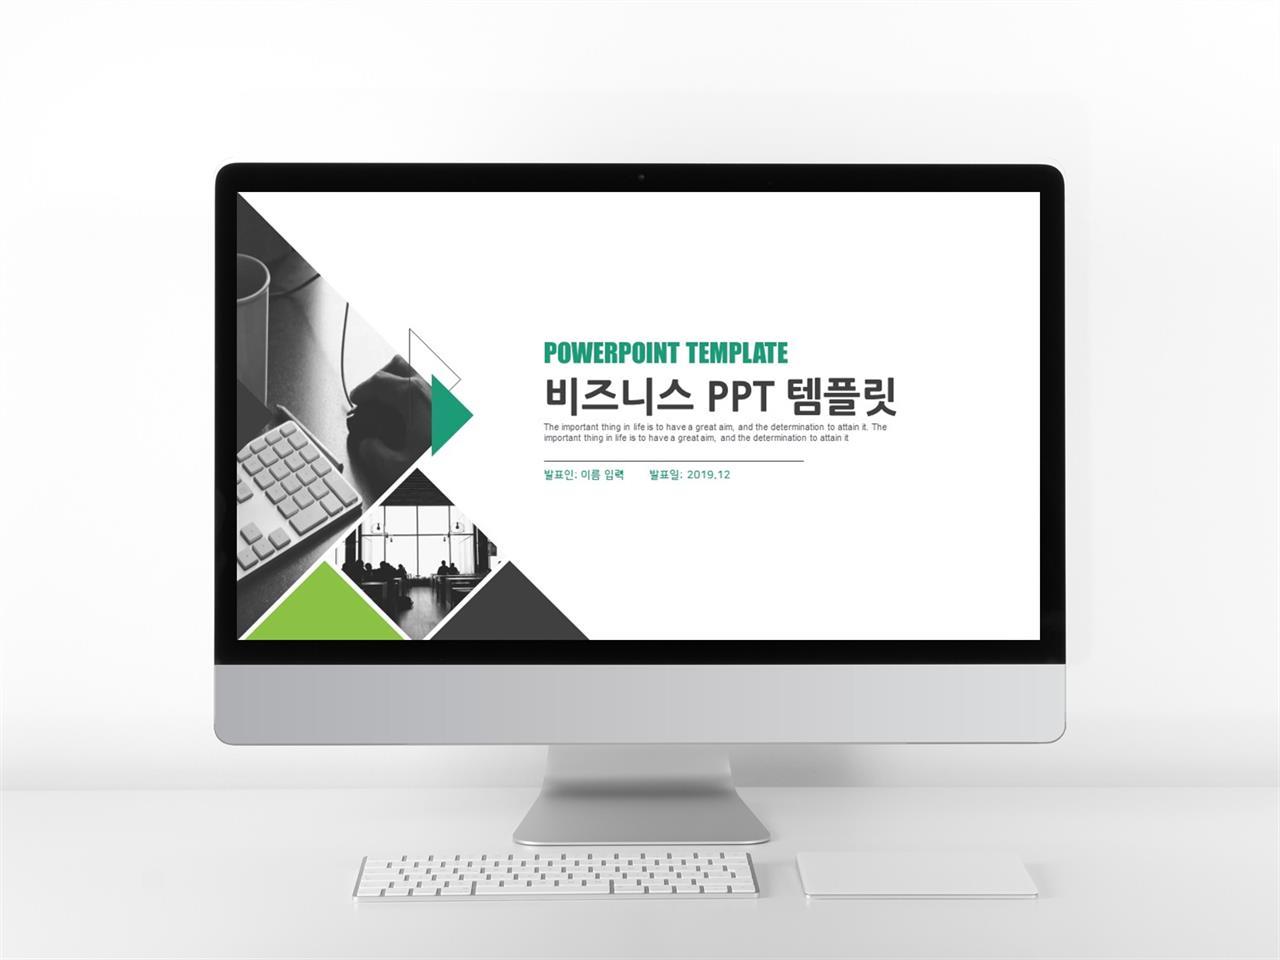 상업계획 녹색 화려한 프로급 PPT서식 사이트 미리보기